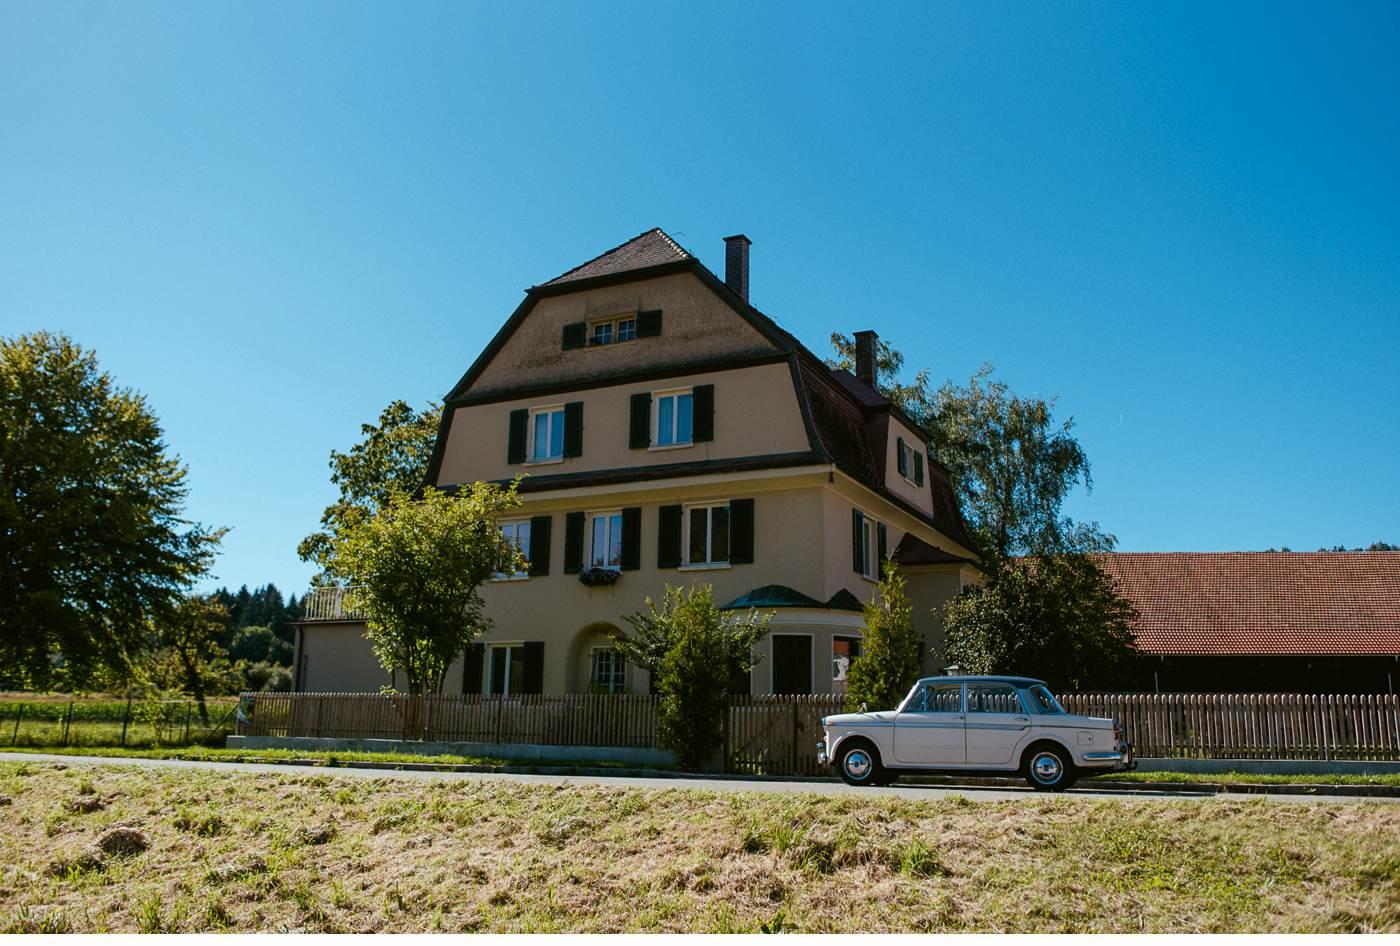 hofgut-duerren-hotel-farny-zwischen-bodensee-und-allgaeu-53-von-77